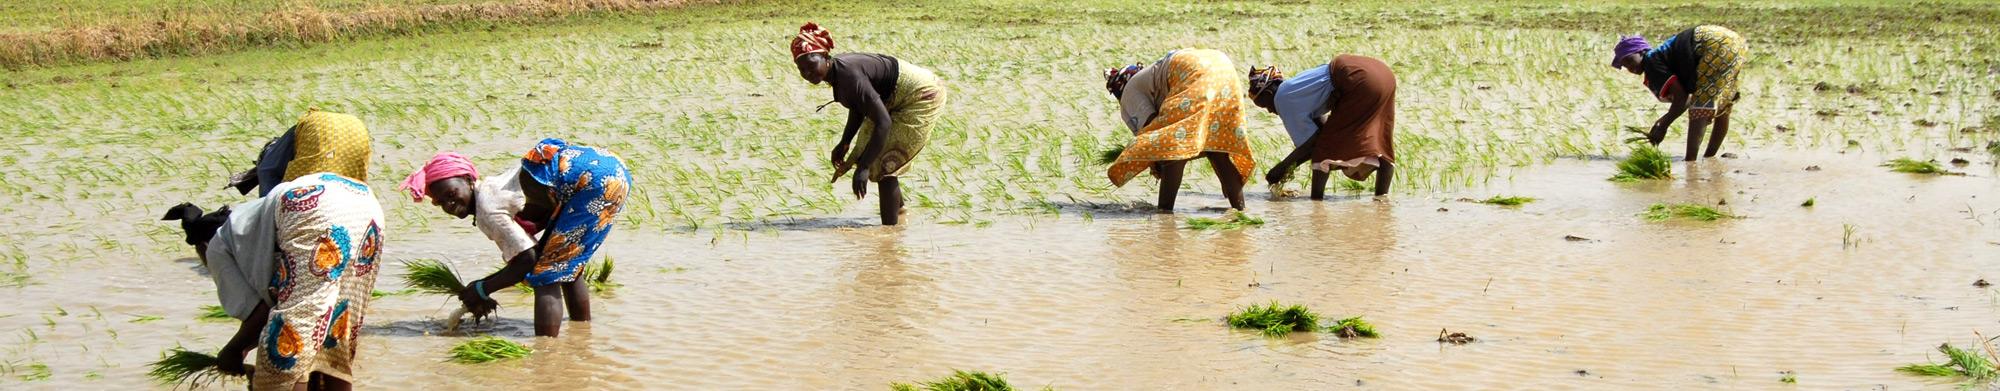 15 bonnes raisons de soutenir les agricultures familiales durables